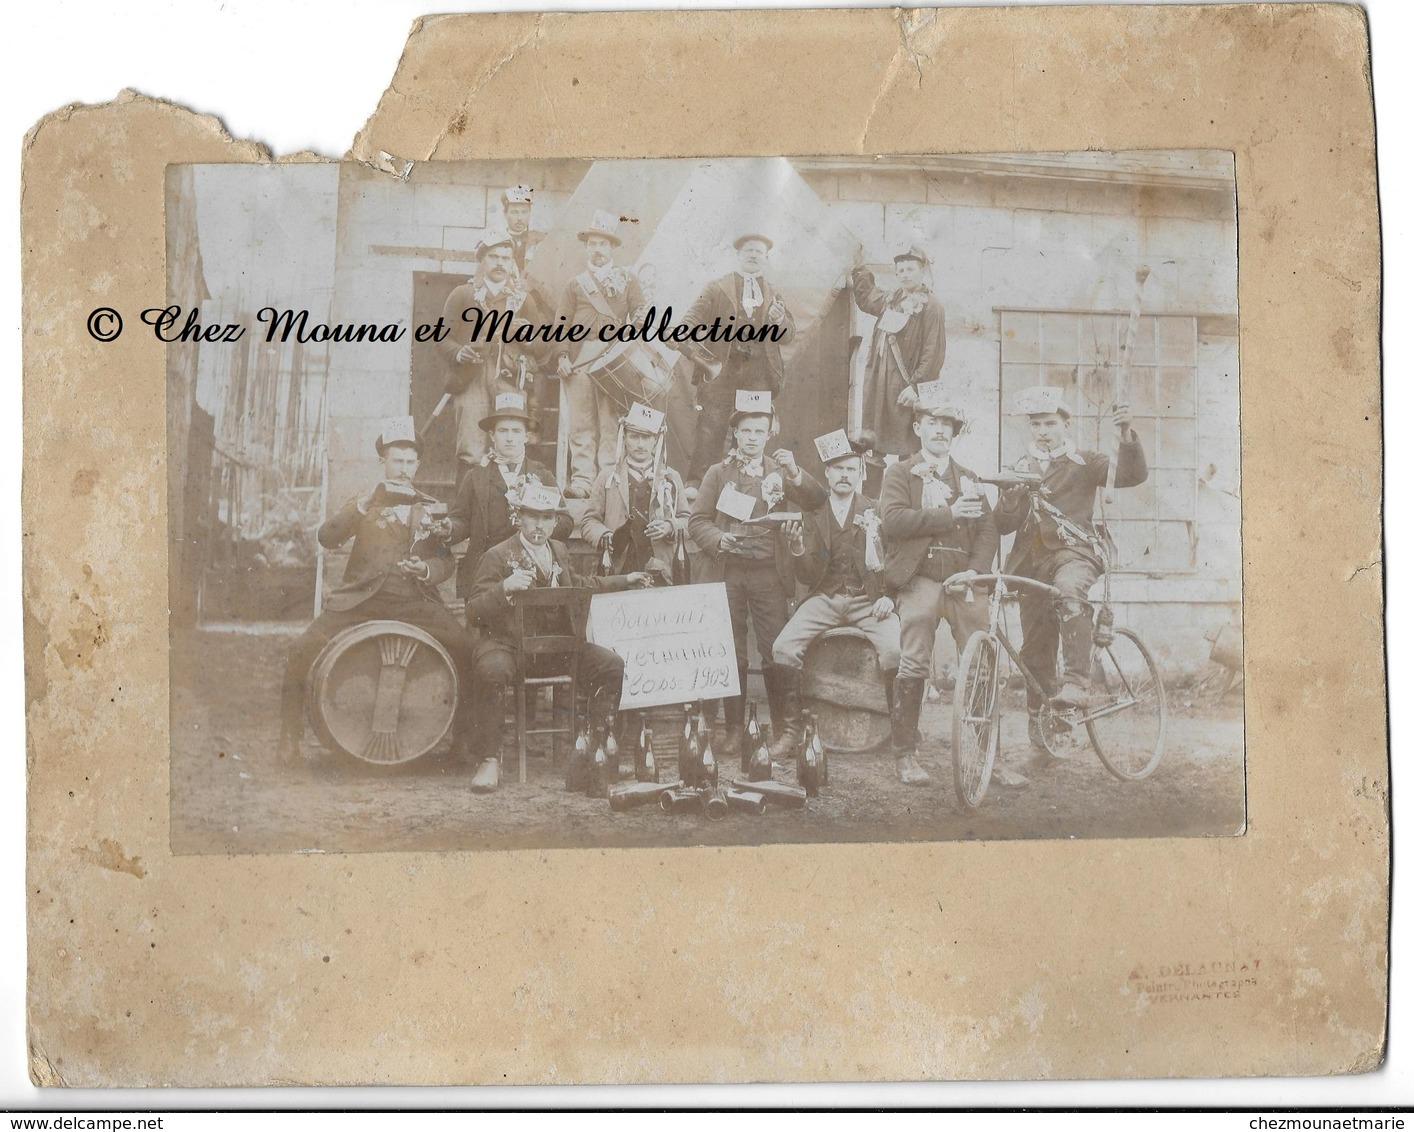 VERNANTES - CONSCRITS CLASSE 1902 NEE EN 1882 - MAINE ET LOIRE - PHOTO 21 X 13.5 CM SUR 26.5 X 21 CM - Personnes Anonymes